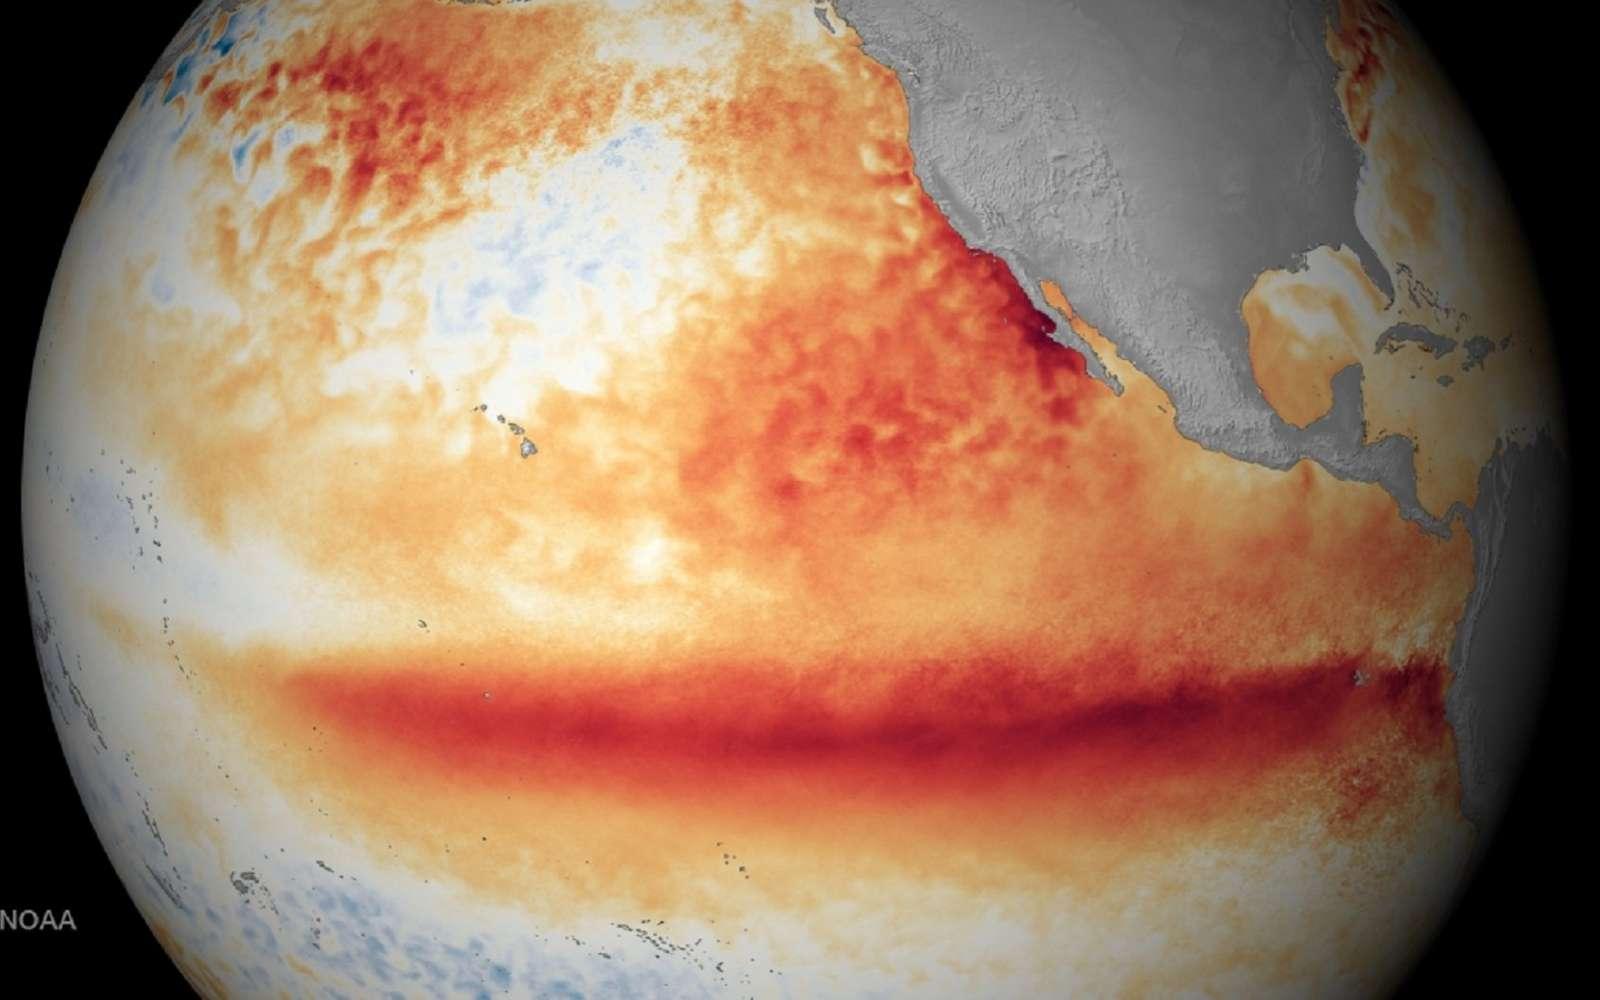 Le puissant El Niño de 2015-2016 marqué par des températures de surface élevées dans l'est de l'océan Pacifique, a déclenché des bouleversements météorologiques à travers le globe qui ont à leur tour influencé les épidémies. © Noaa